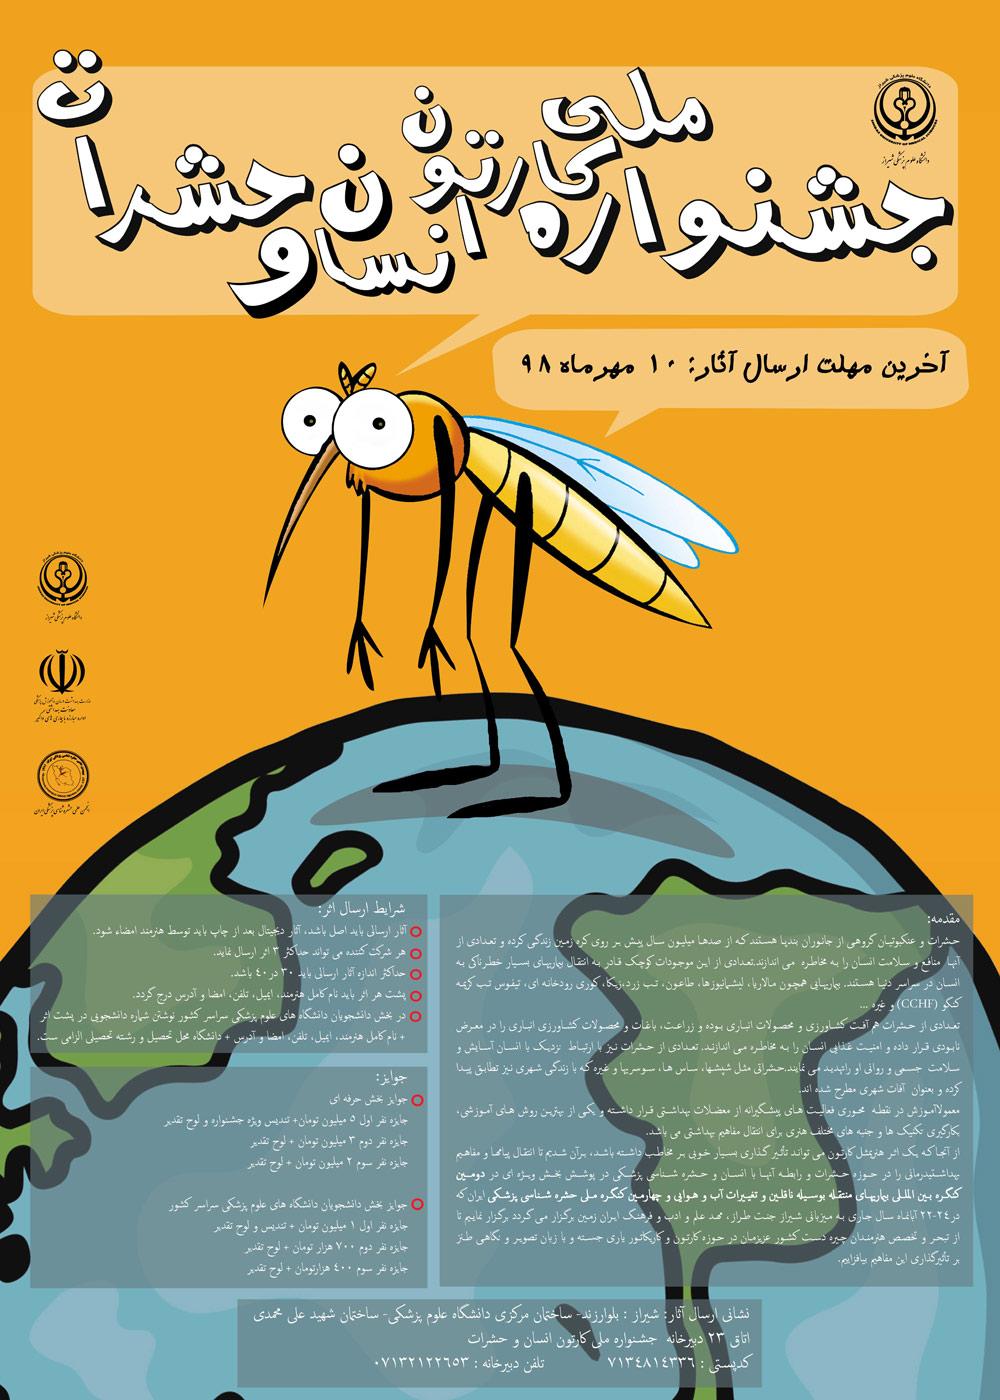 فراخوان جشنواره ملی کارتون انسان و حشرات